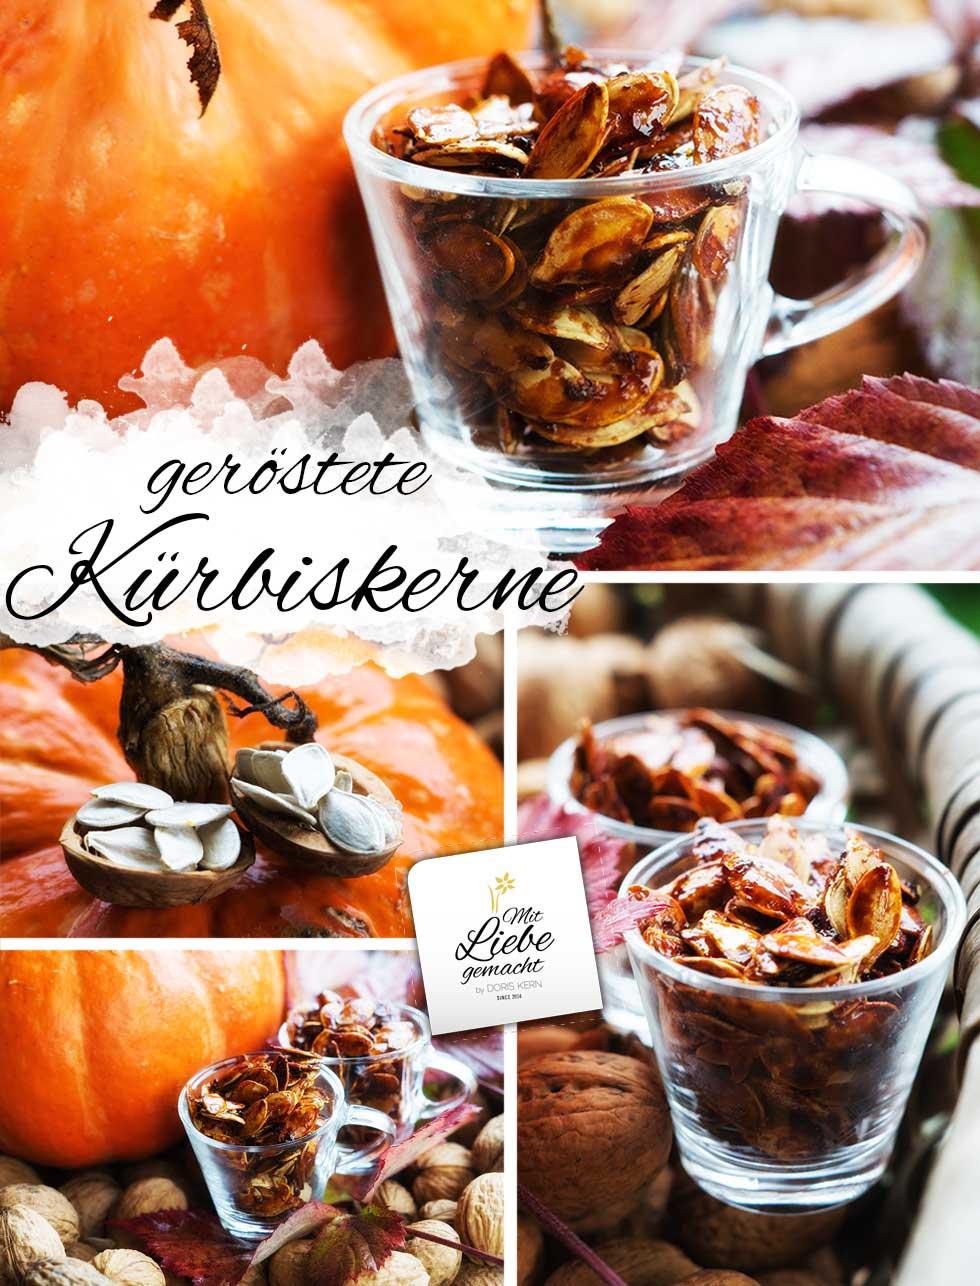 geröstete Kürbiskerne - gesunder Snack